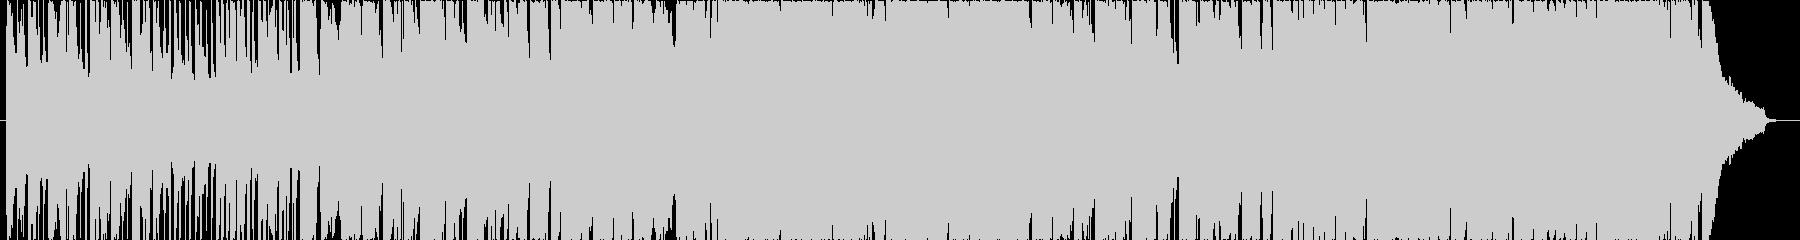 電子音が響く!寂しいSFイメージ・BGMの未再生の波形